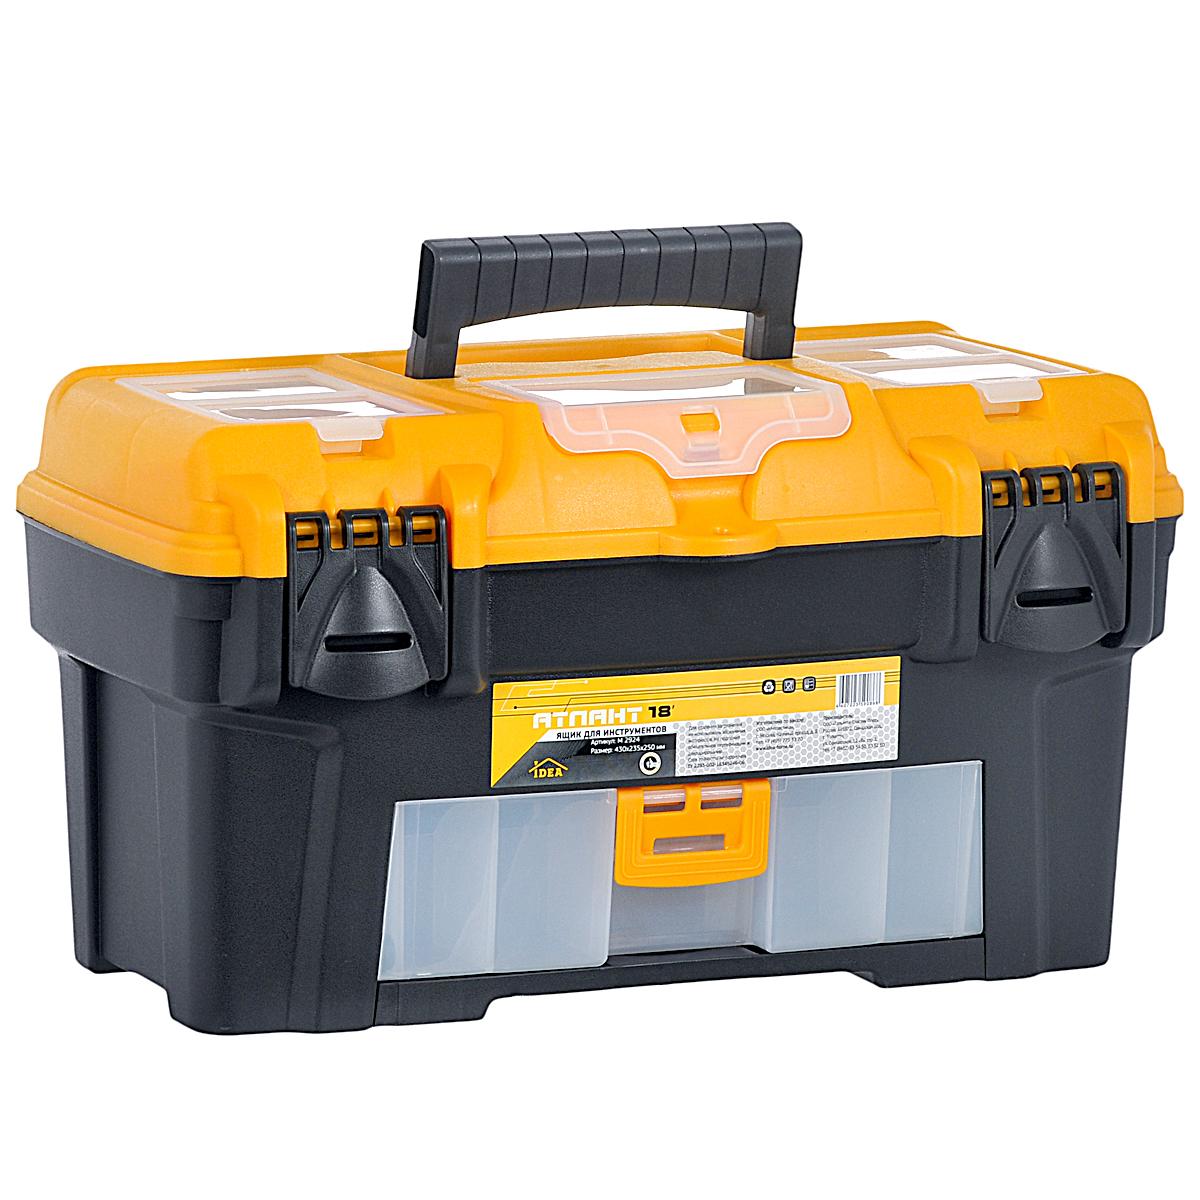 Ящик для инструментов Idea Атлант 18, с органайзером, 43 х 23,5 х 25 см98298123_черныйЯщик Idea Атлант 18 изготовлен из прочного пластика и предназначен для хранения и переноски инструментов. Вместительный, внутри имеет большое главное отделение. В комплект входит съемный лоток с ручкой для инструментов.На лицевой стороне ящика находится органайзер. Крышка оснащена двумя органайзерами и отделением для хранения бит. Ящик закрывается при помощи крепких защелок, которые не допускают случайного открывания.Для более комфортного переноса в руках, на крышке ящика предусмотрена удобная ручка.